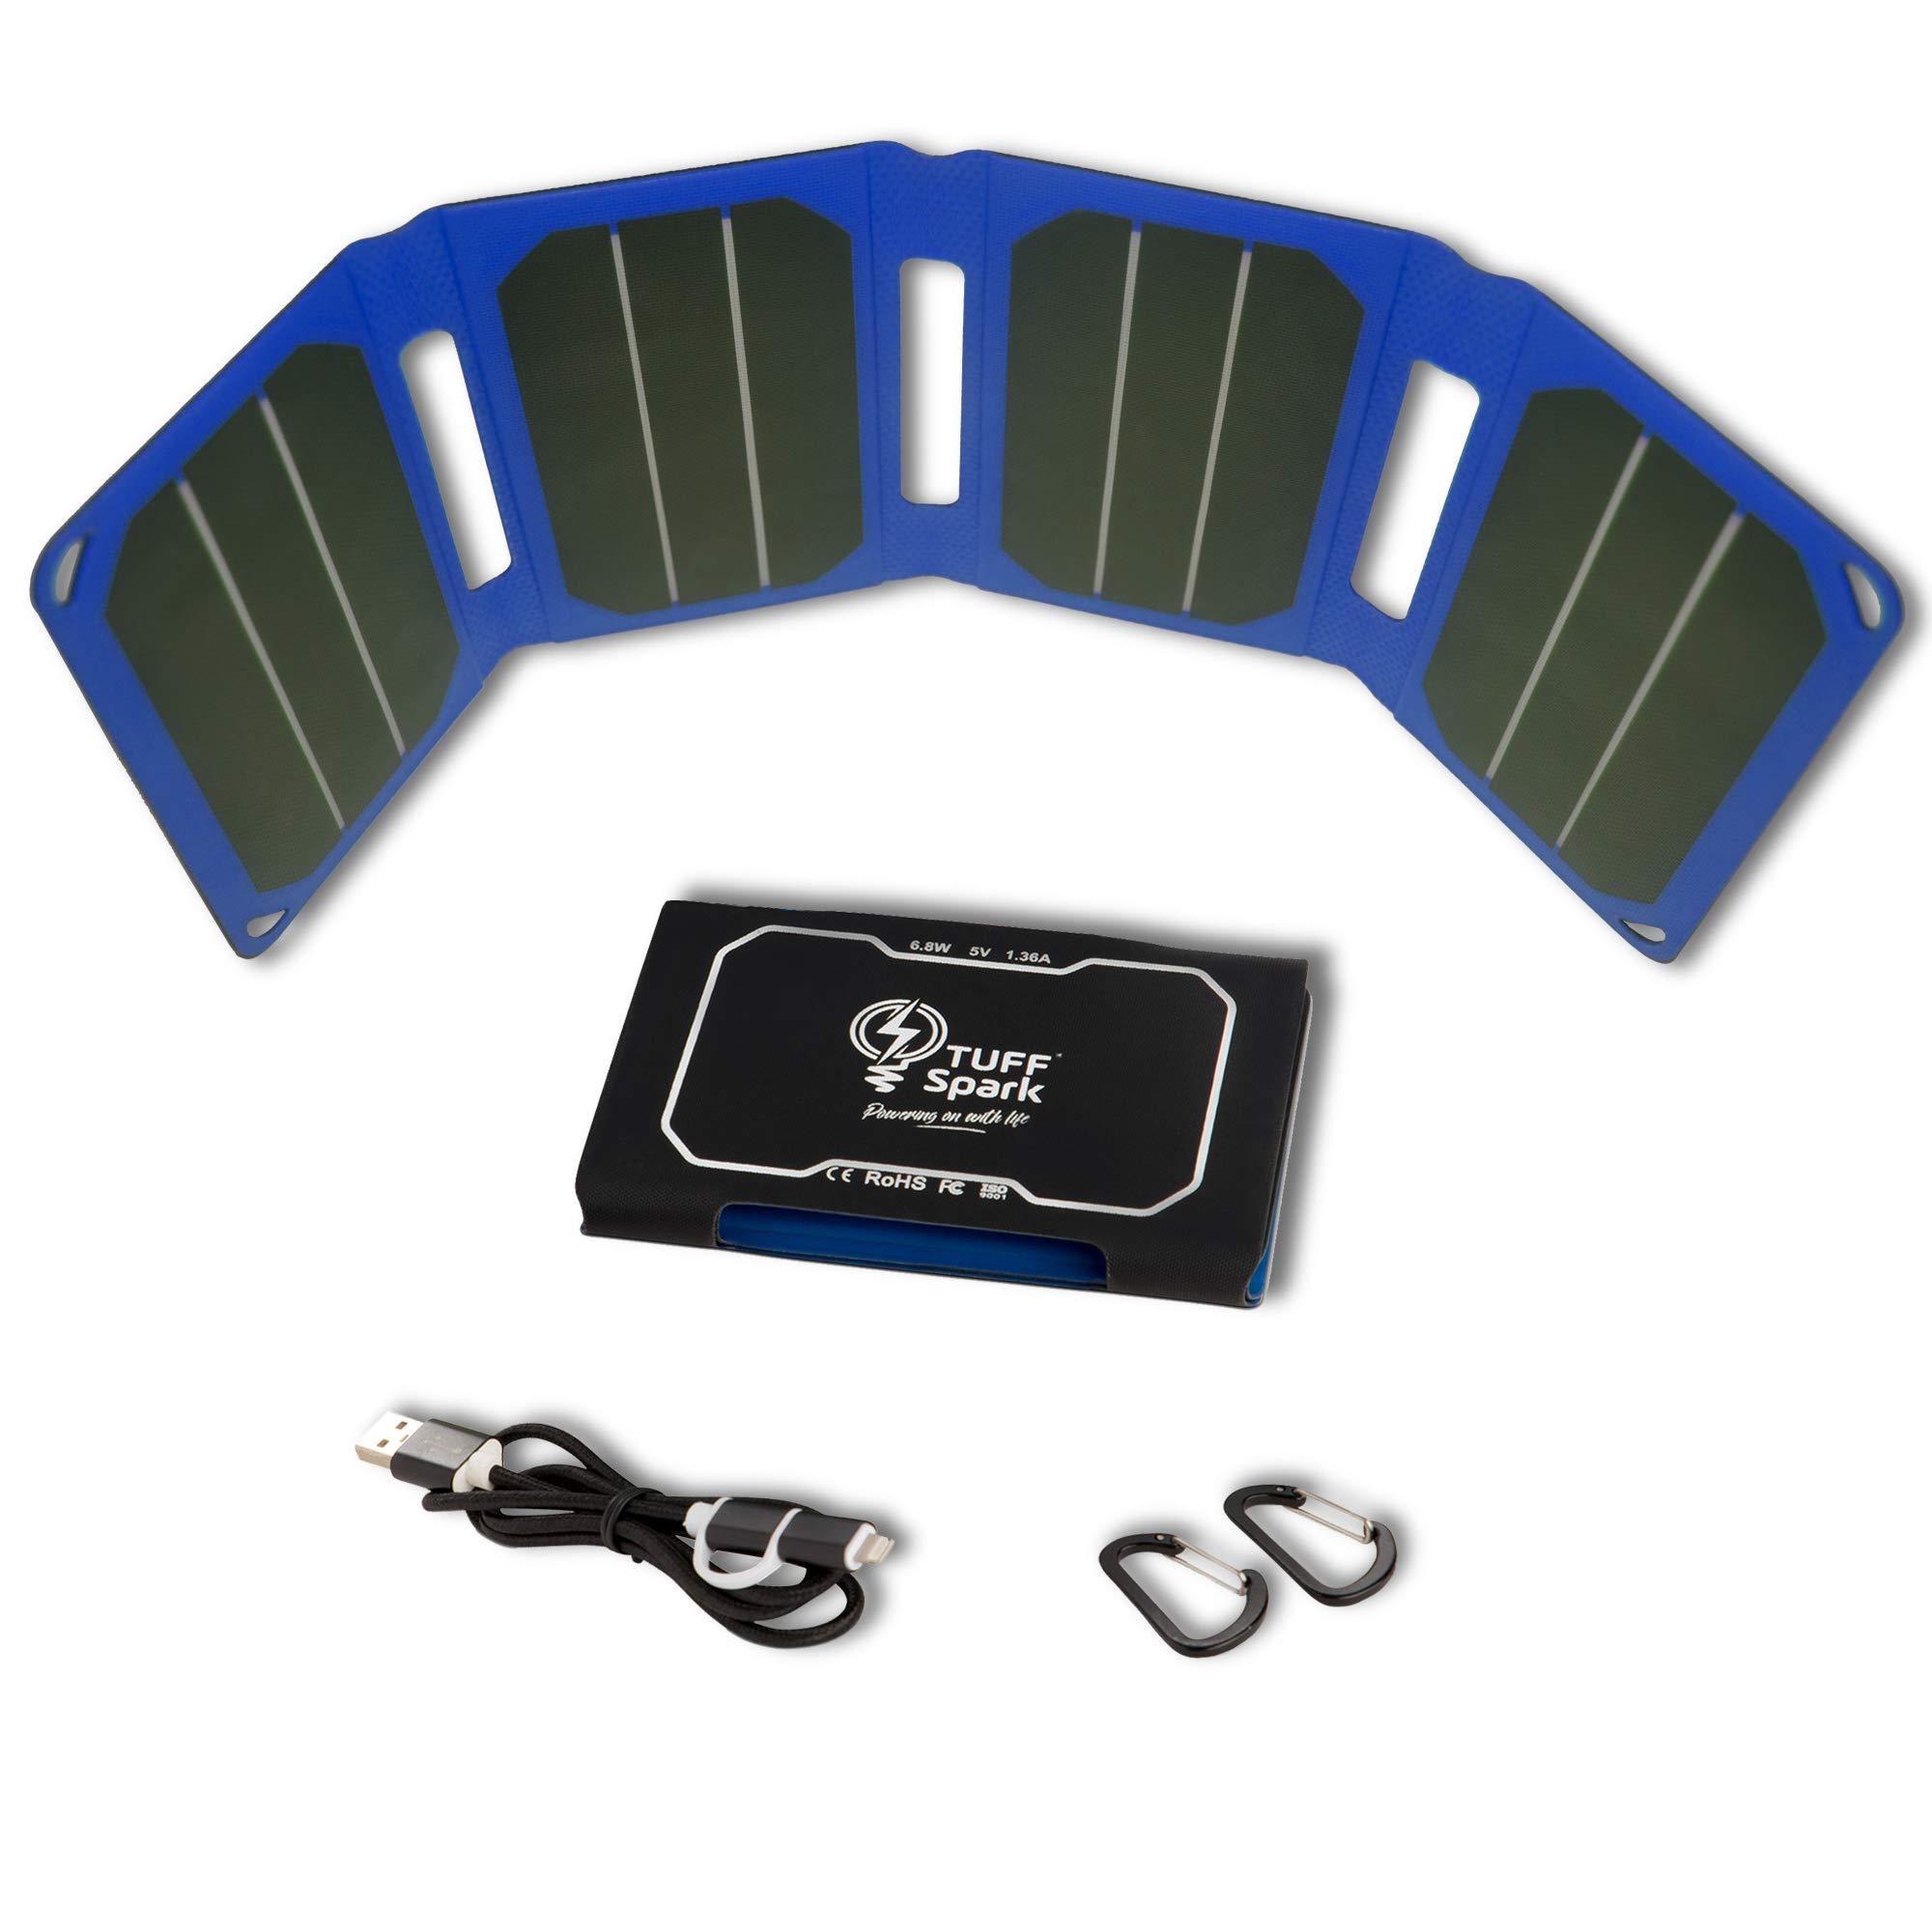 Cargador Solar Portatil de 6.8 Watts de Salida TUFFSPARK